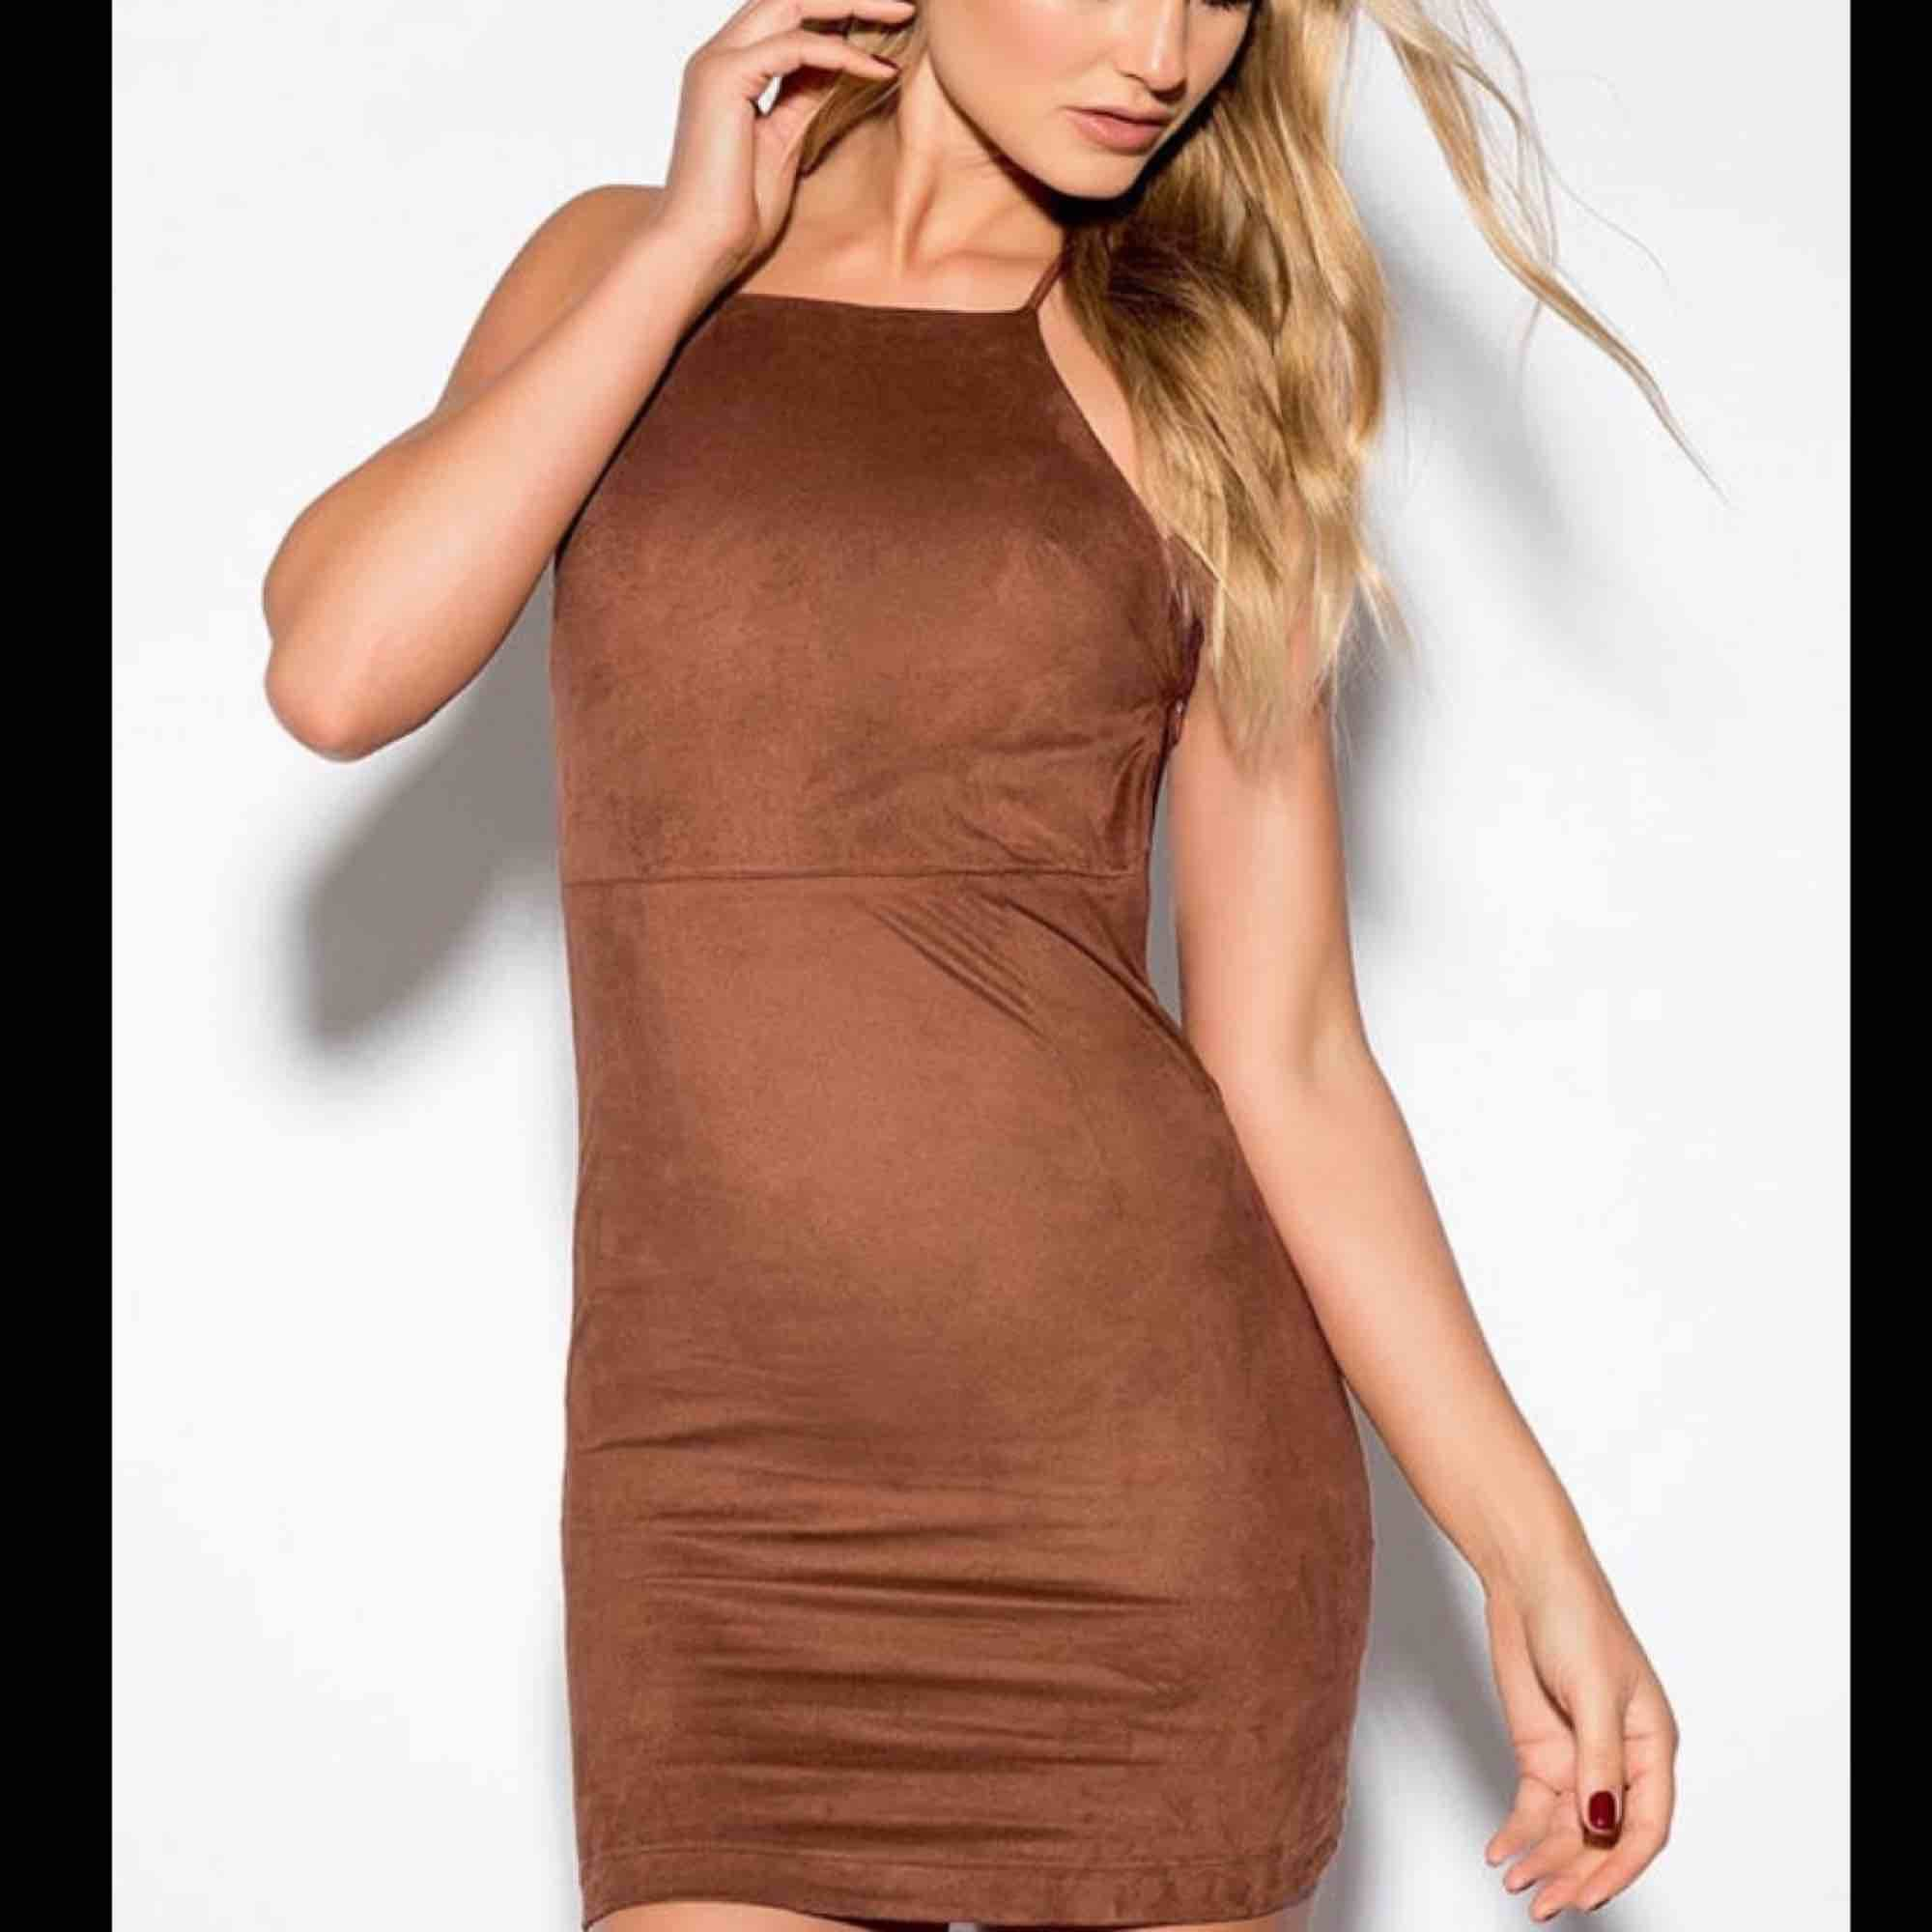 Skitsnygg Rebecca Stella klänning storlek S knappt använd.. Klänningar.